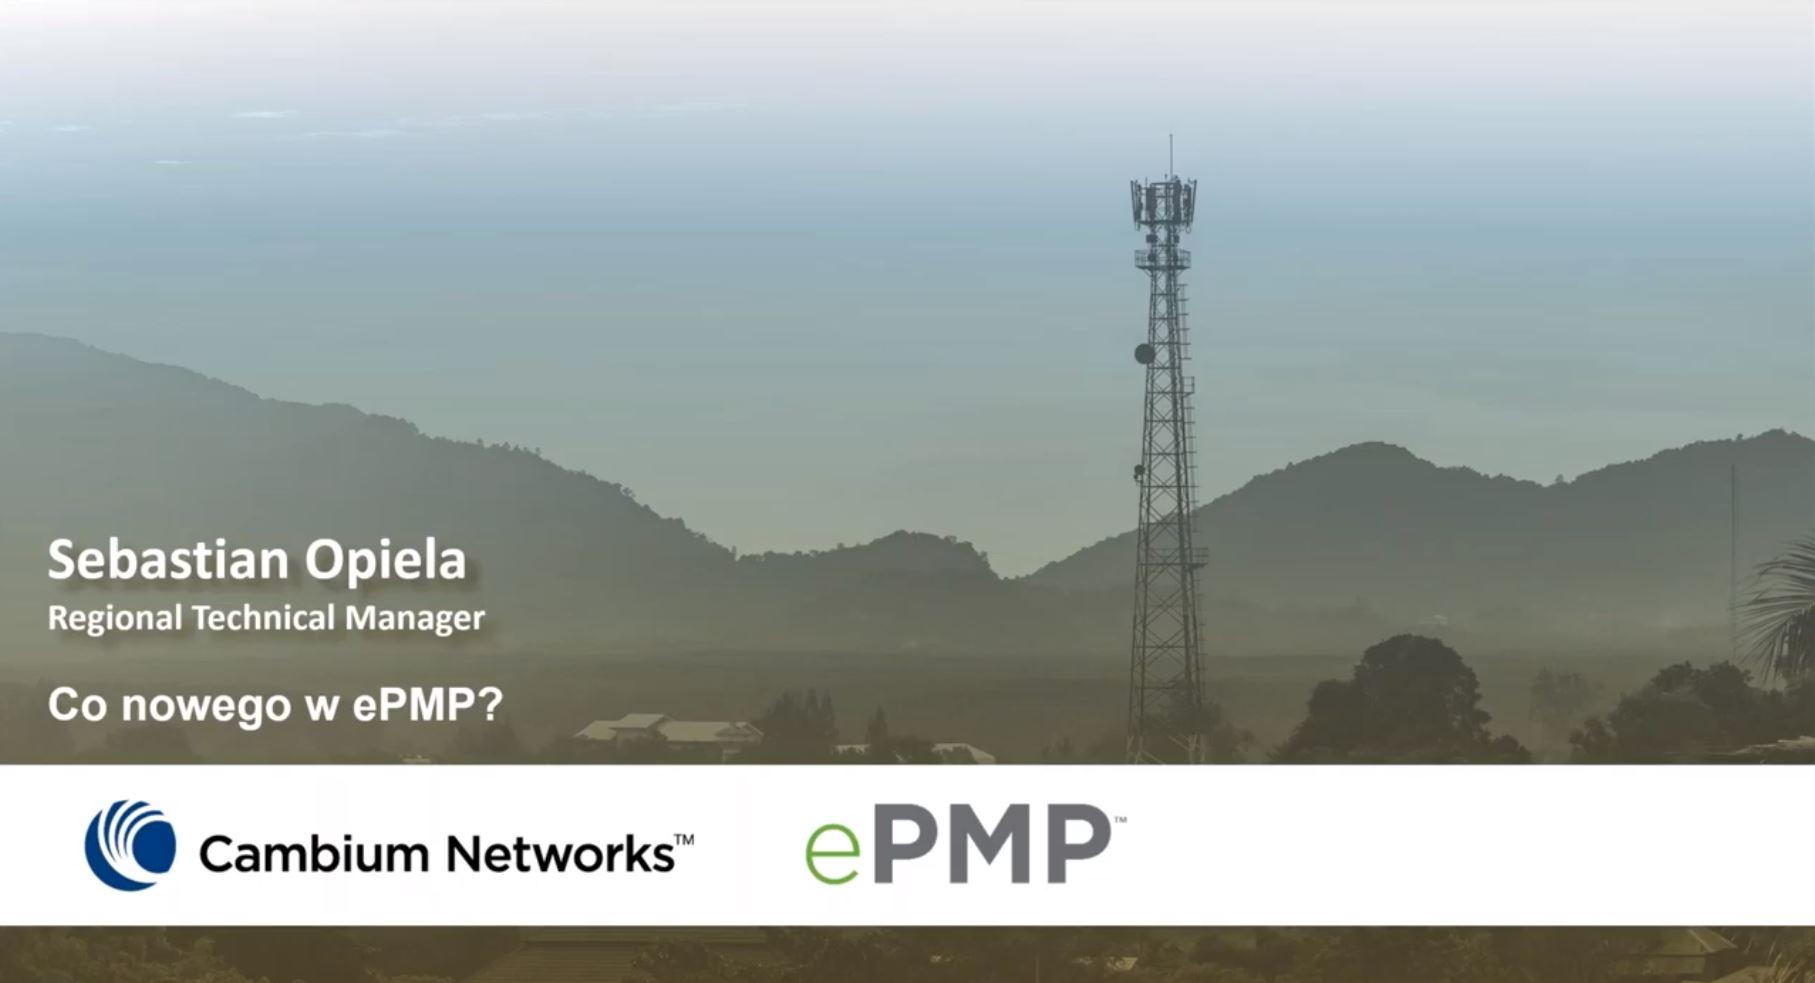 Co nowego w ePMP?